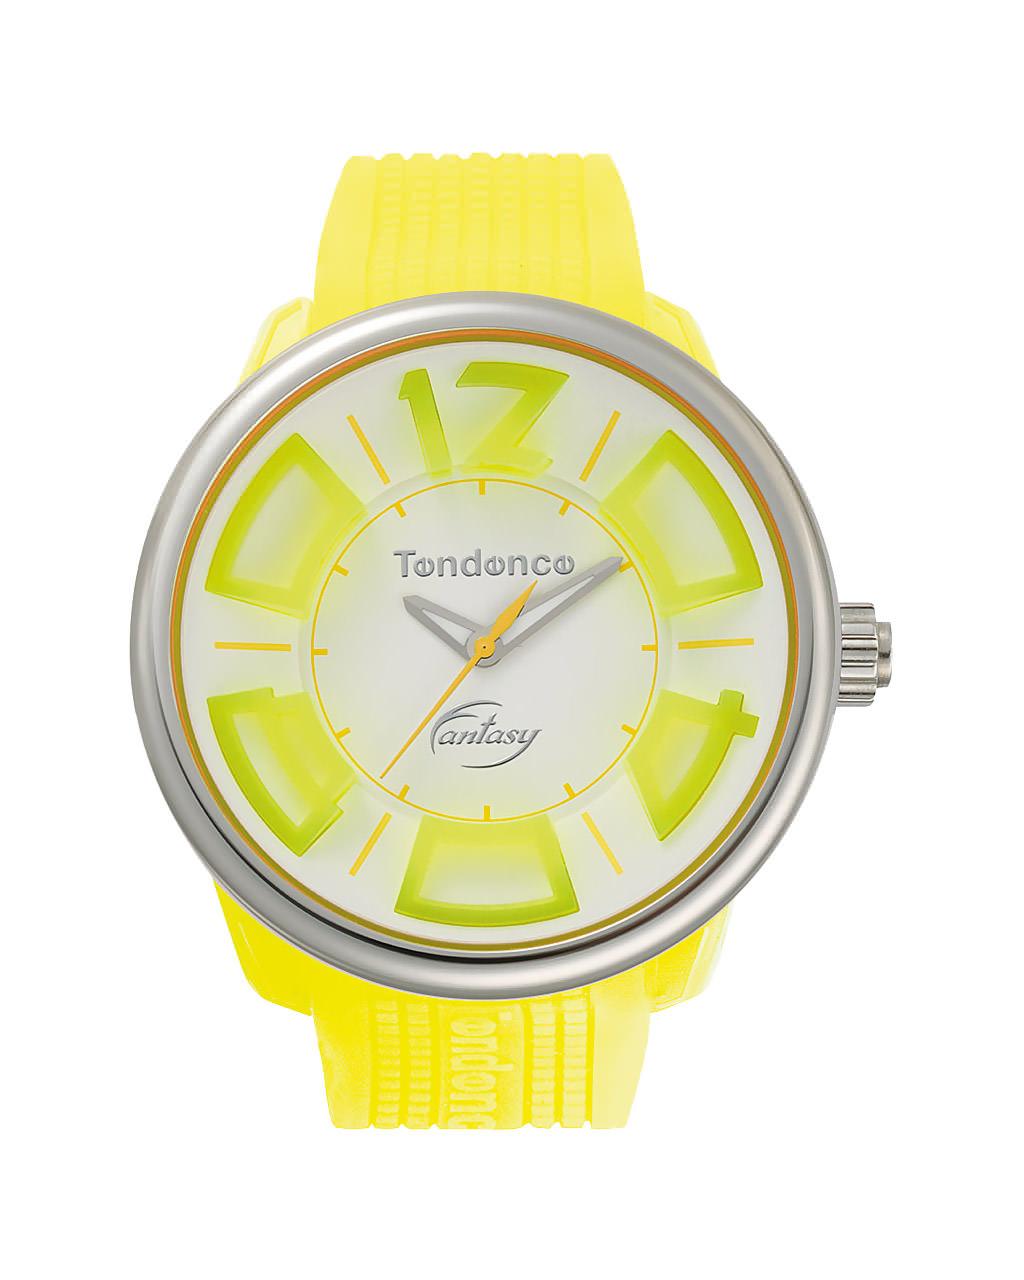 Ρολόι TENDENCE Fluo Yellow TG633003   brands tendence